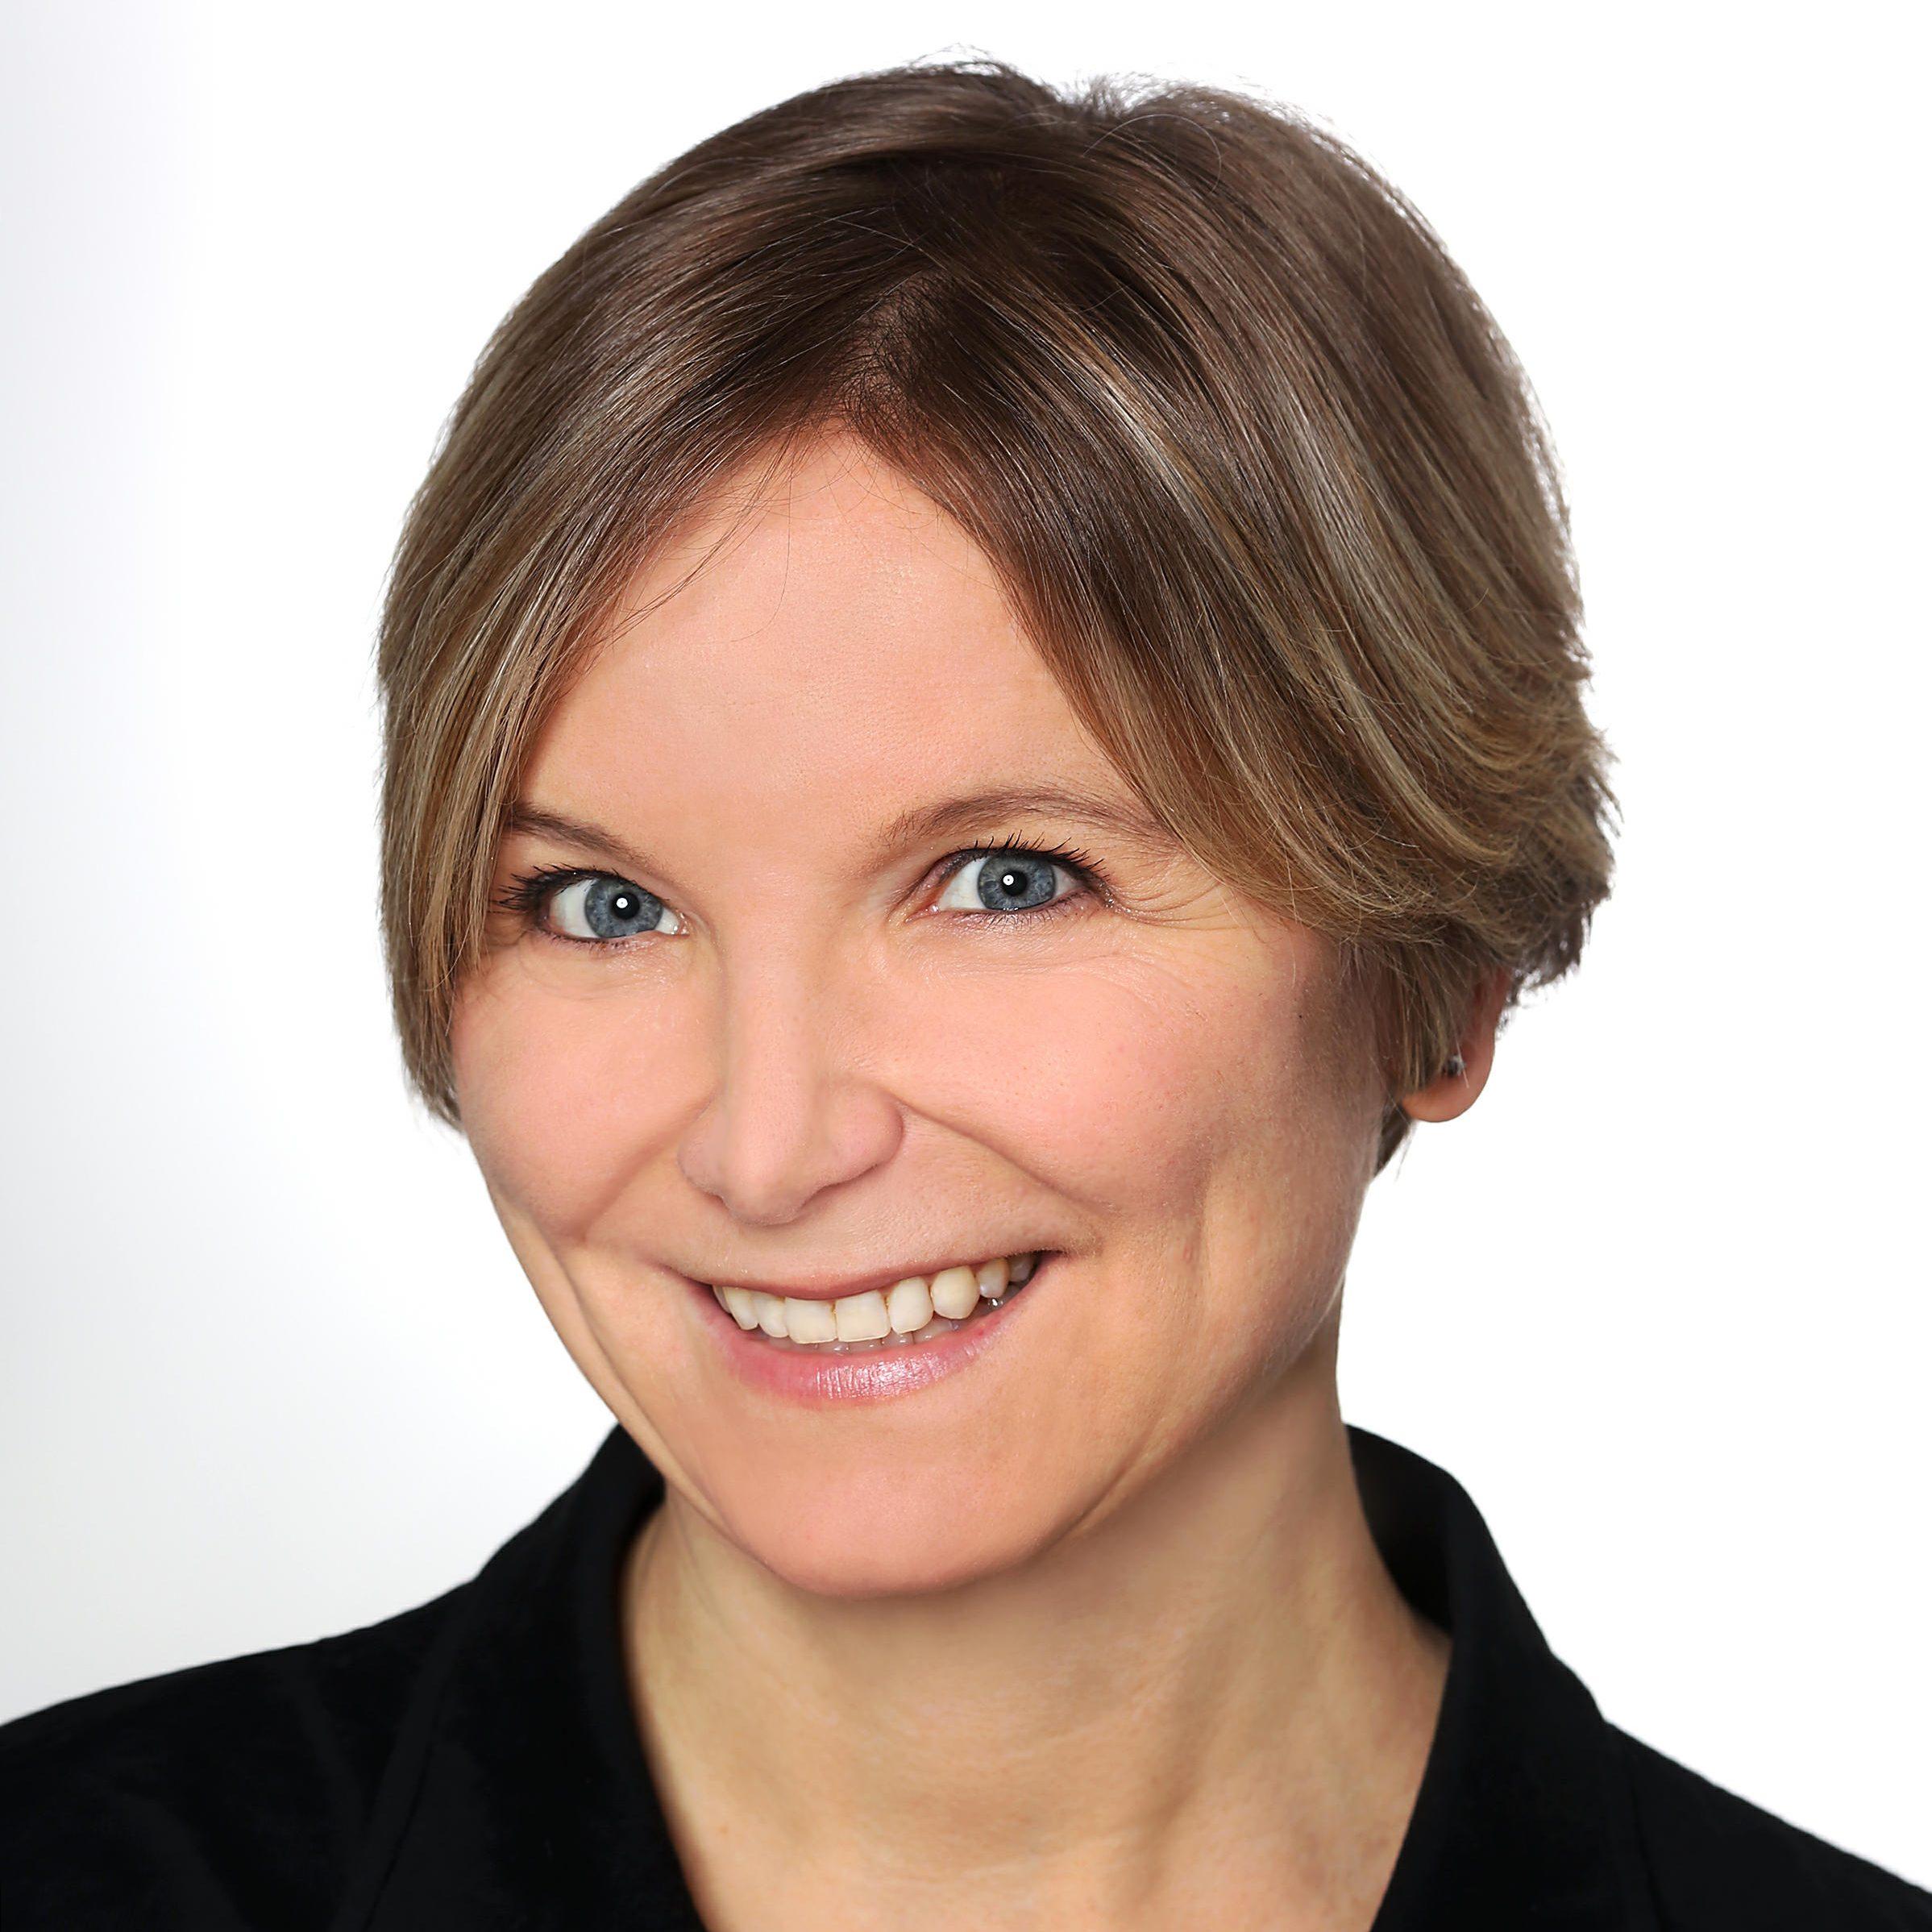 Bernadette-Julia Felsch